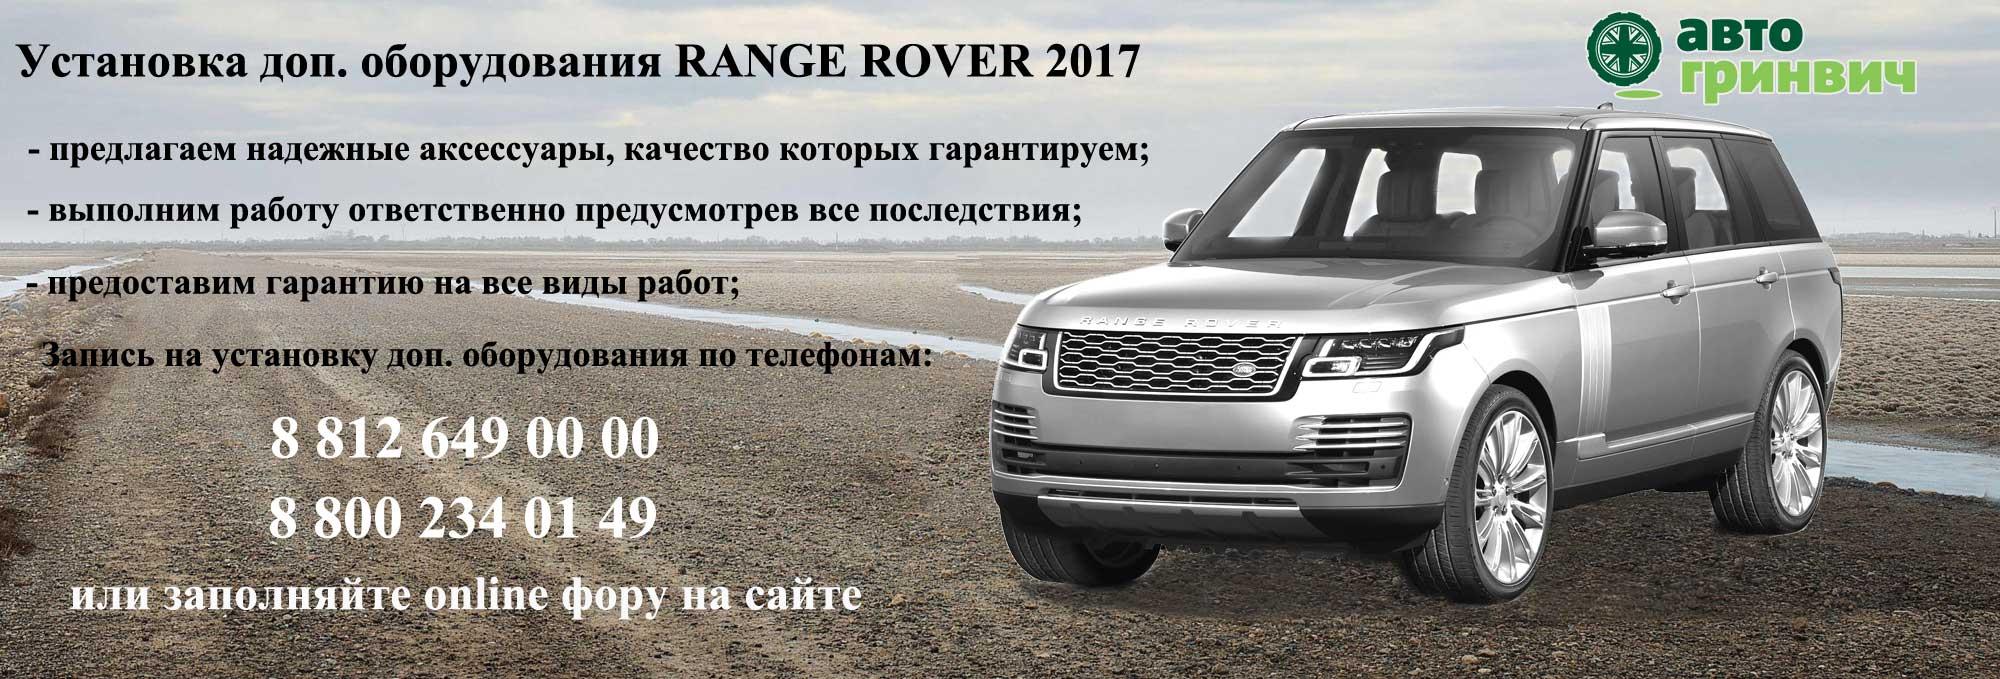 Установка доп. оборудования Range Rover 2017